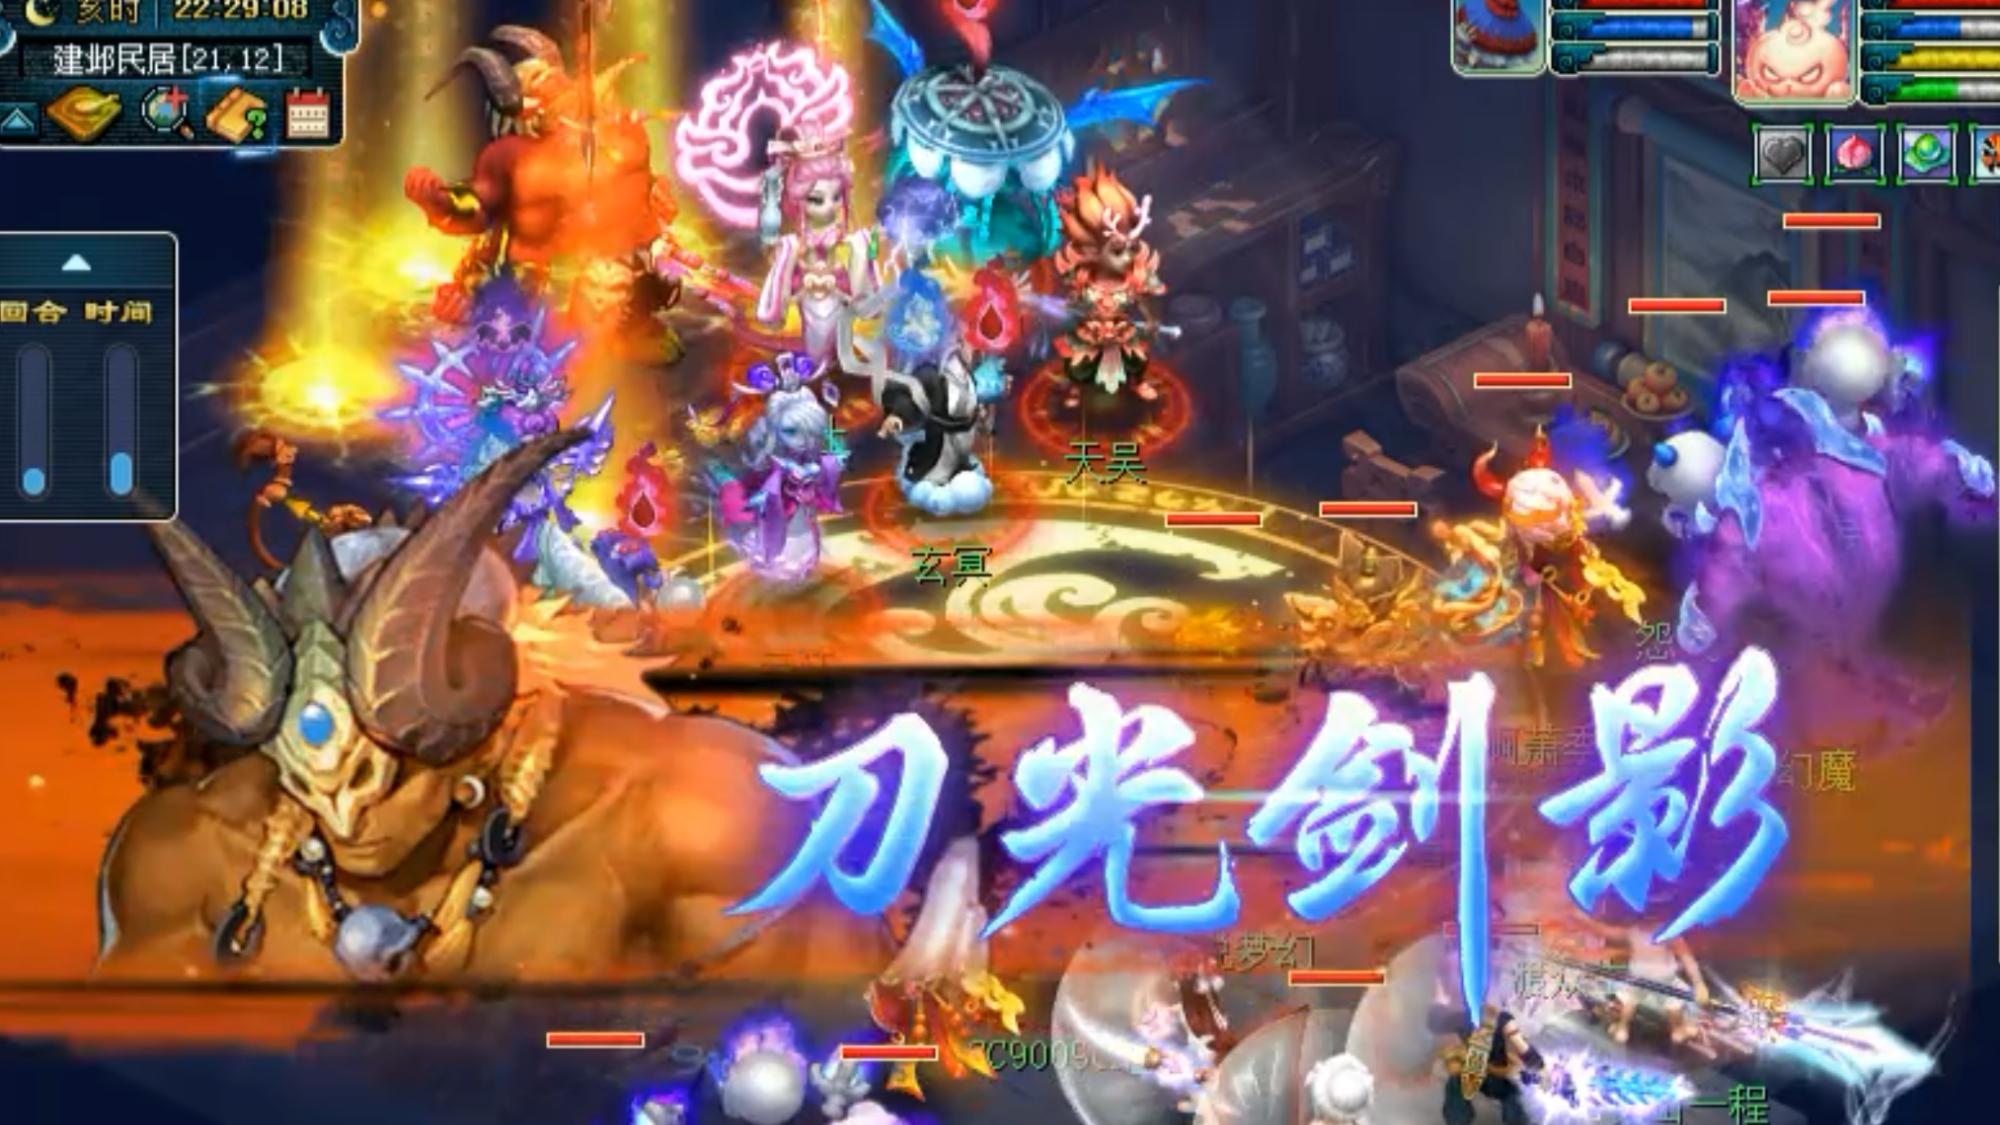 梦幻西游:168联武神坛冠军,珍宝阁服战指挥第一视角封印蚩尤!